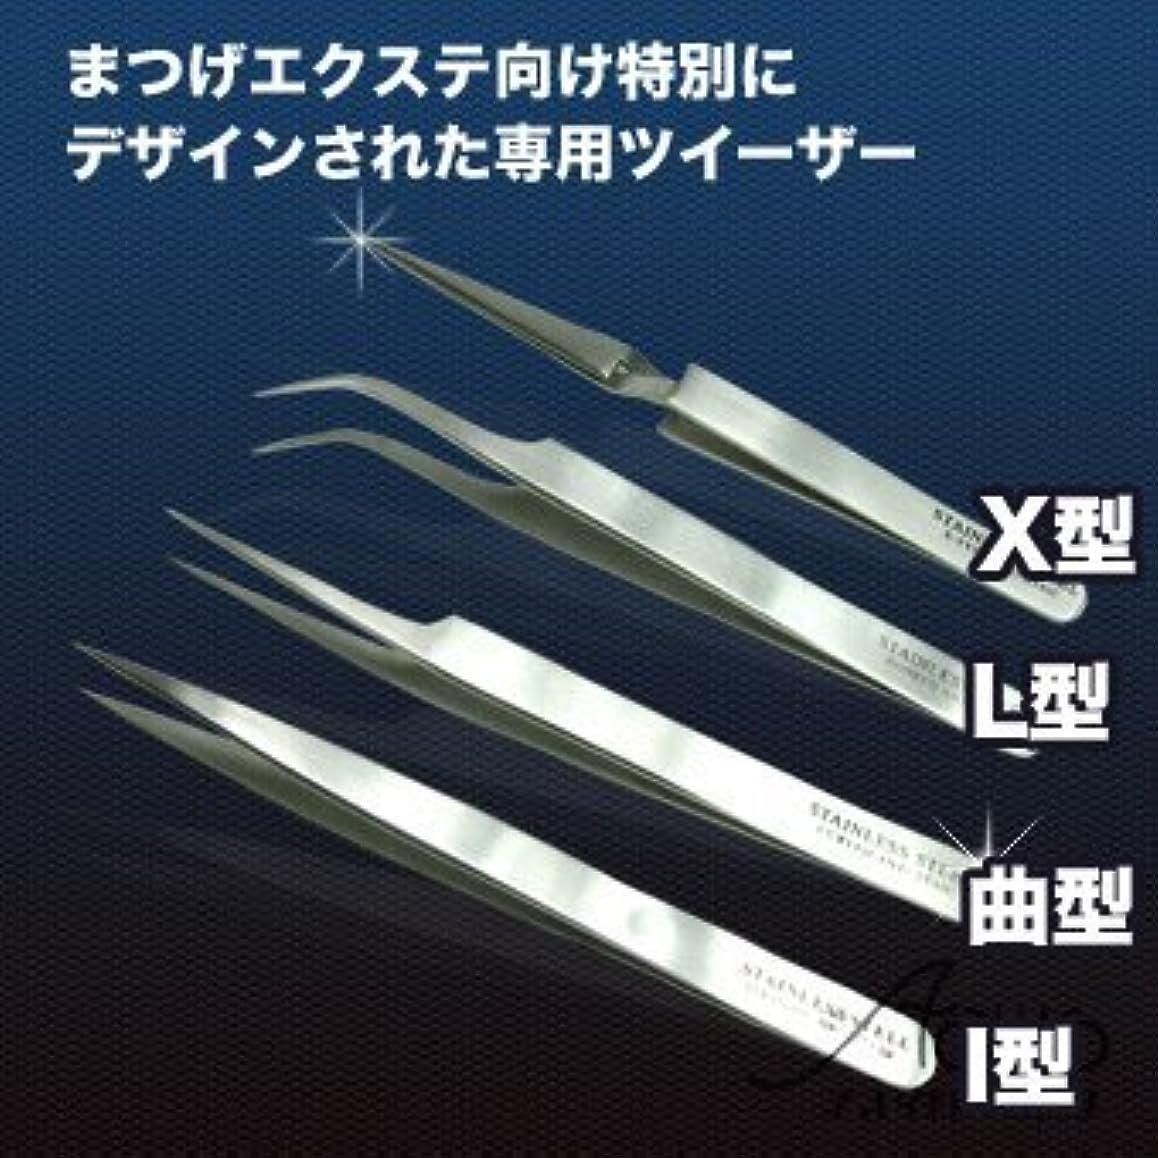 手荷物海里ブーストまつ毛エクステ用ツイザー (タイプ:L型)